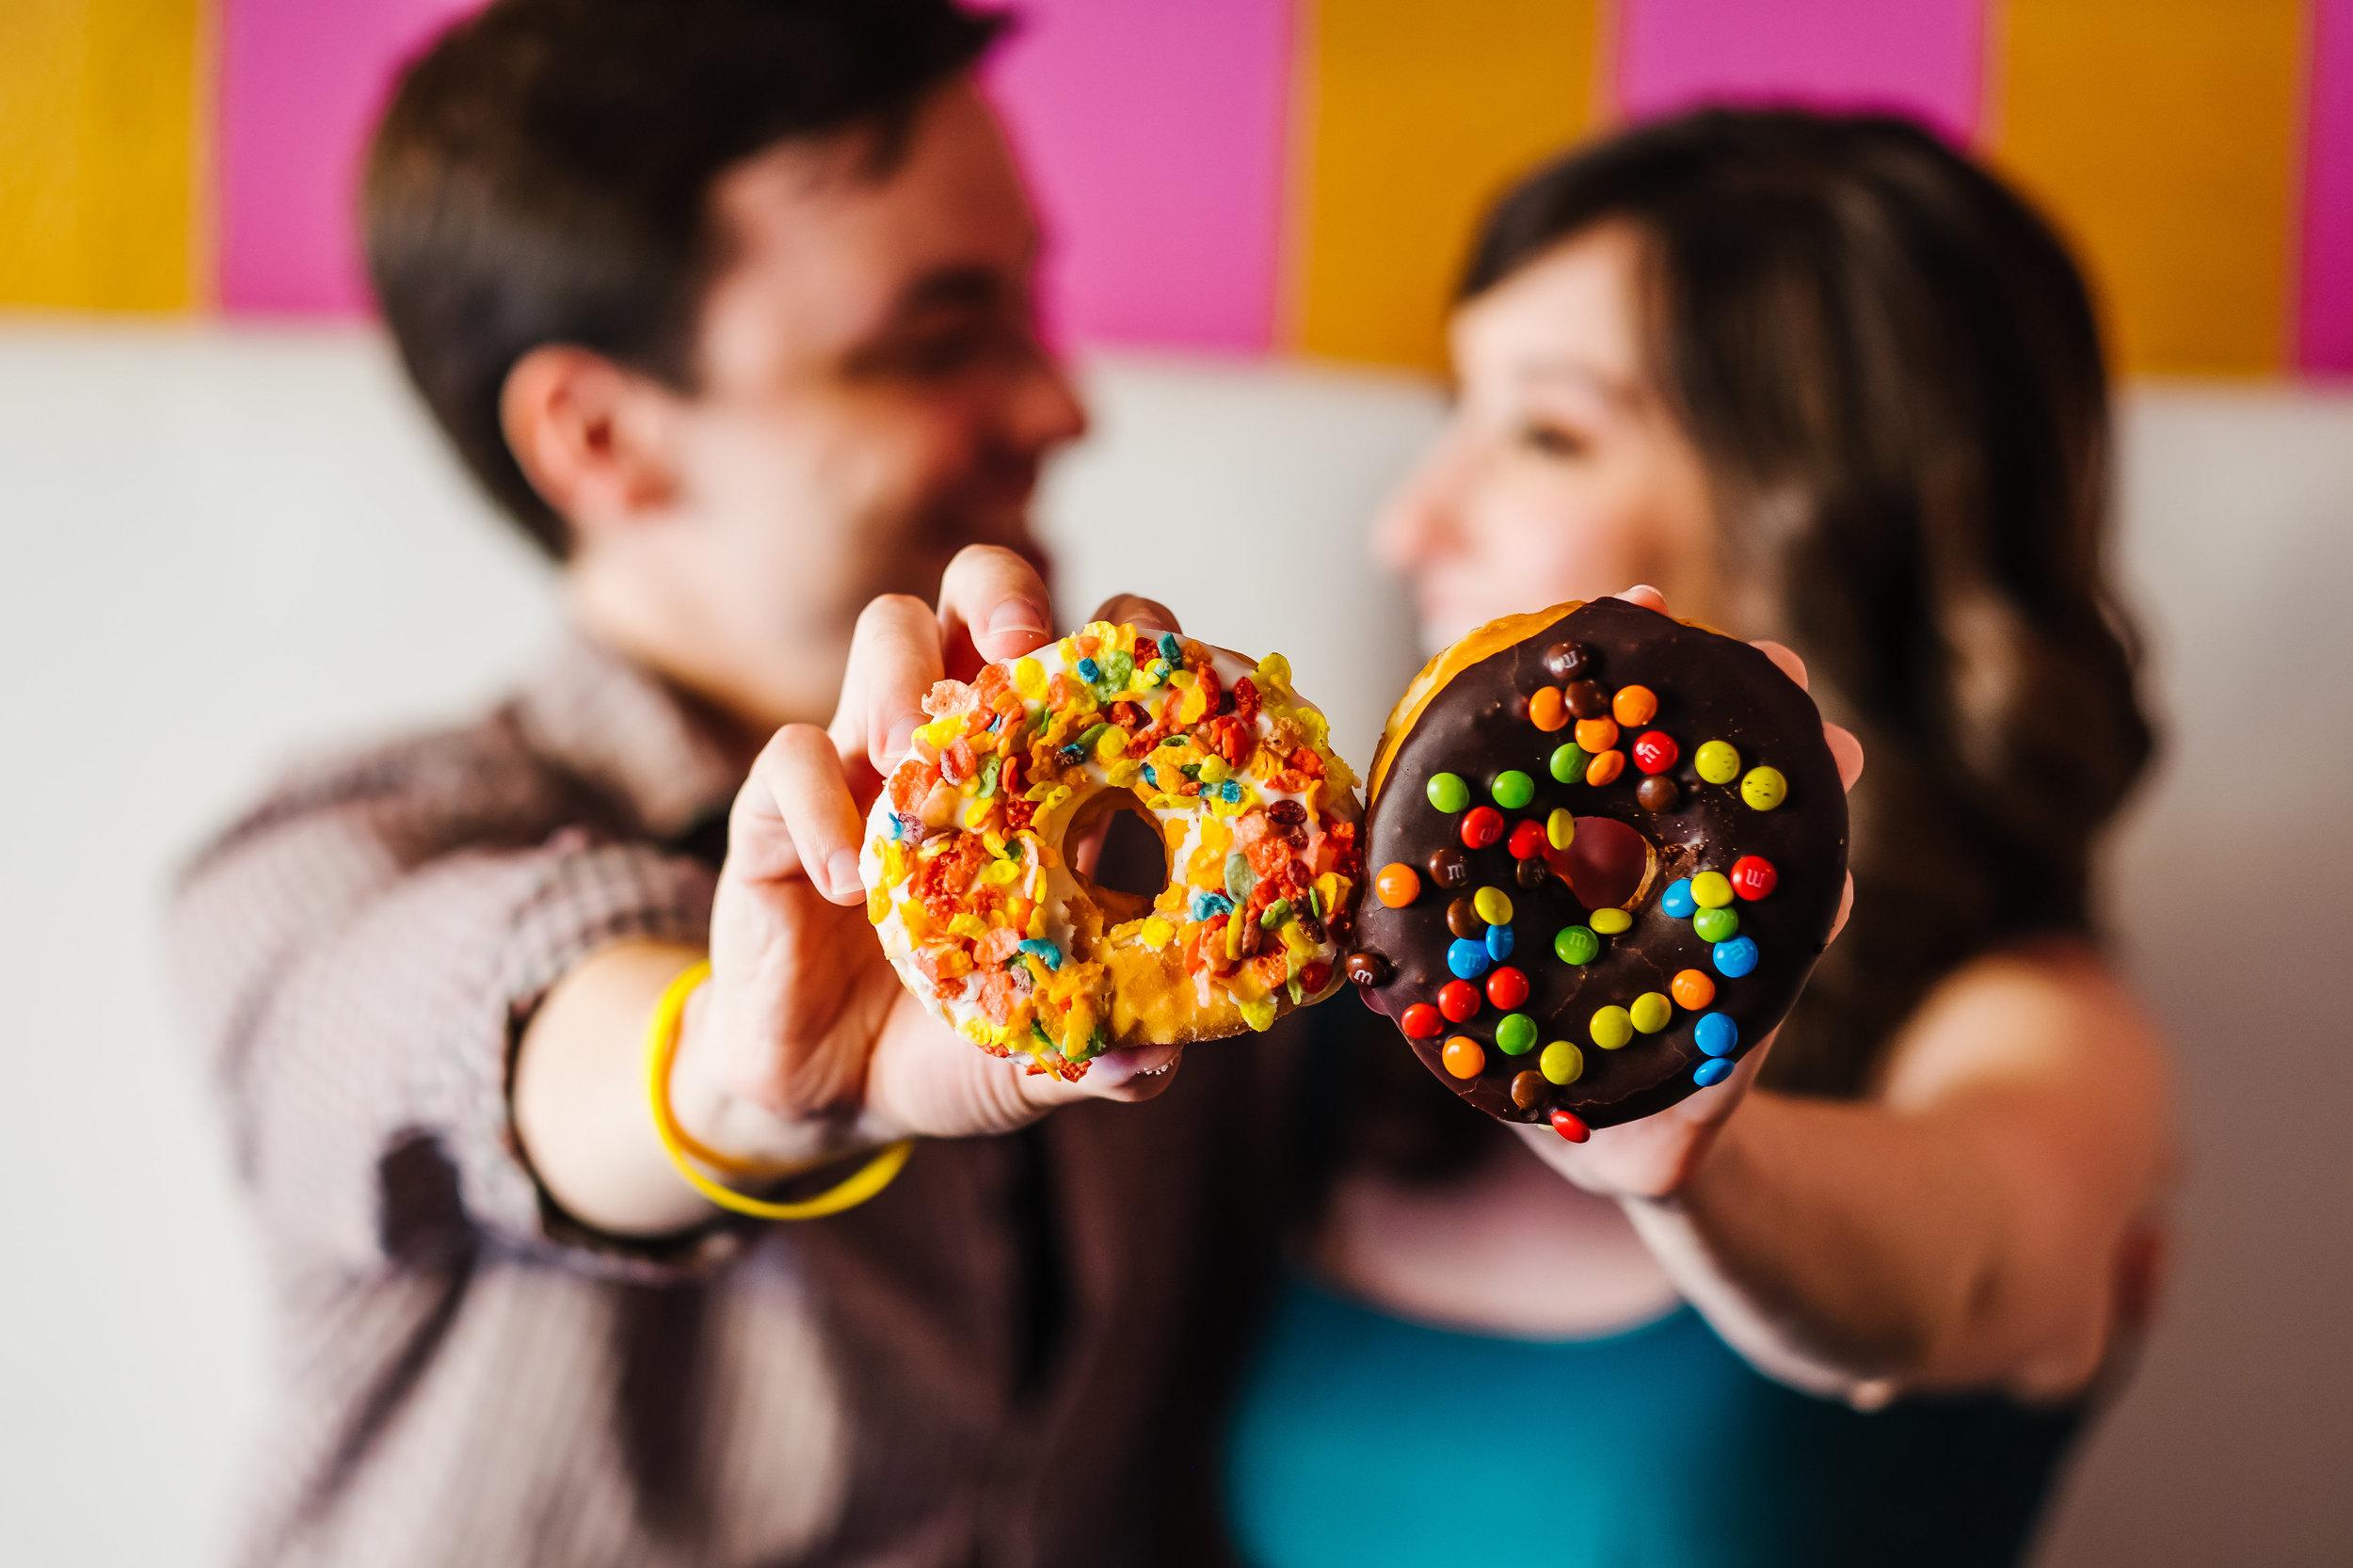 Tampa-Engagement-Photographer-Datz-Dough-South-Tampa-Donuts-Fun.jpg